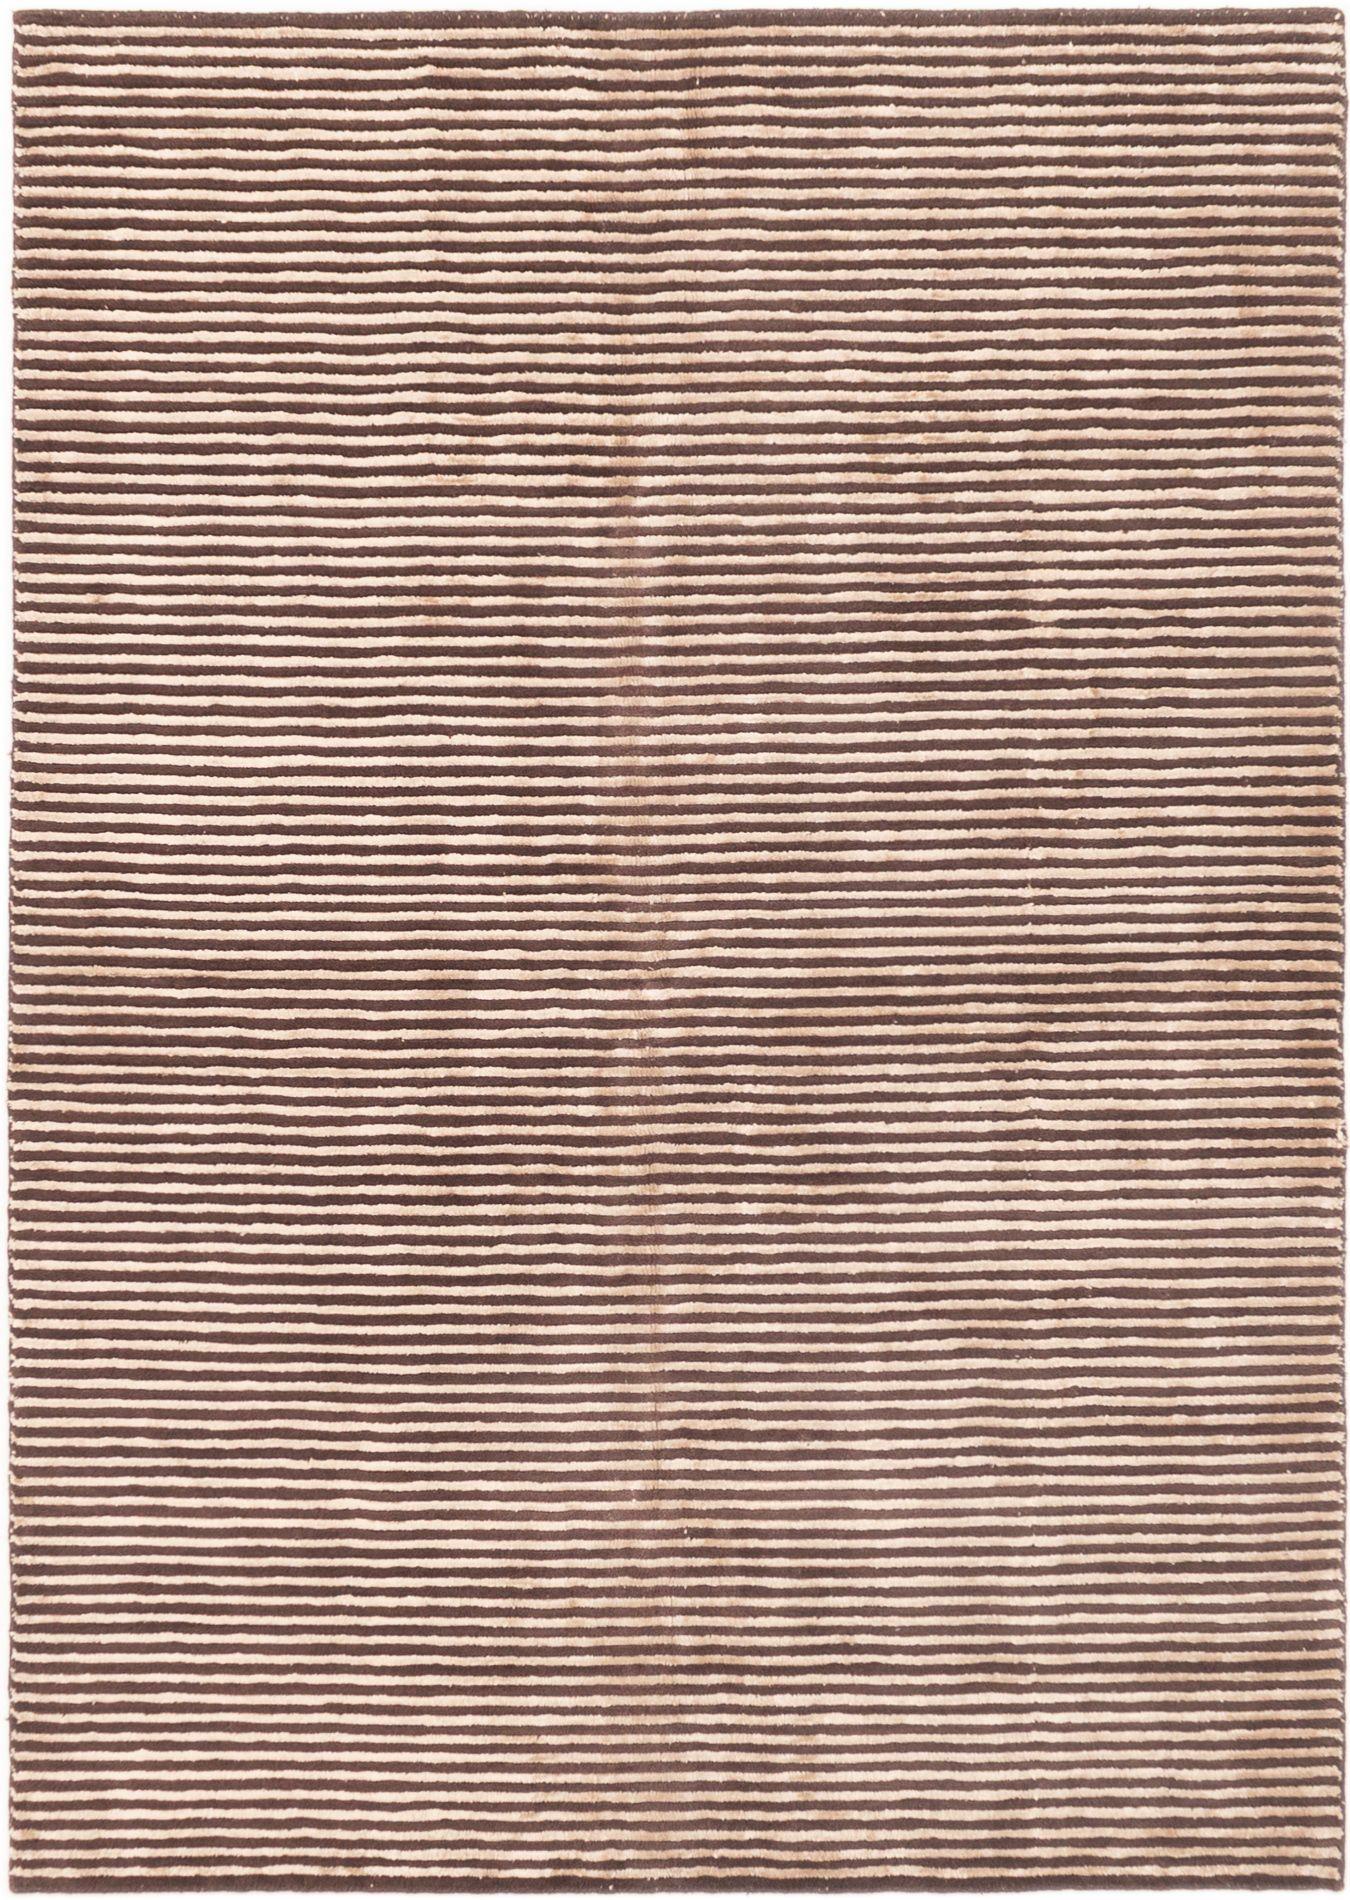 """Hand-knotted Luribaft Gabbeh Riz Beige, Dark Brown Wool/Silk Rug 5'0"""" x 7'8"""" Size: 5'0"""" x 7'8"""""""